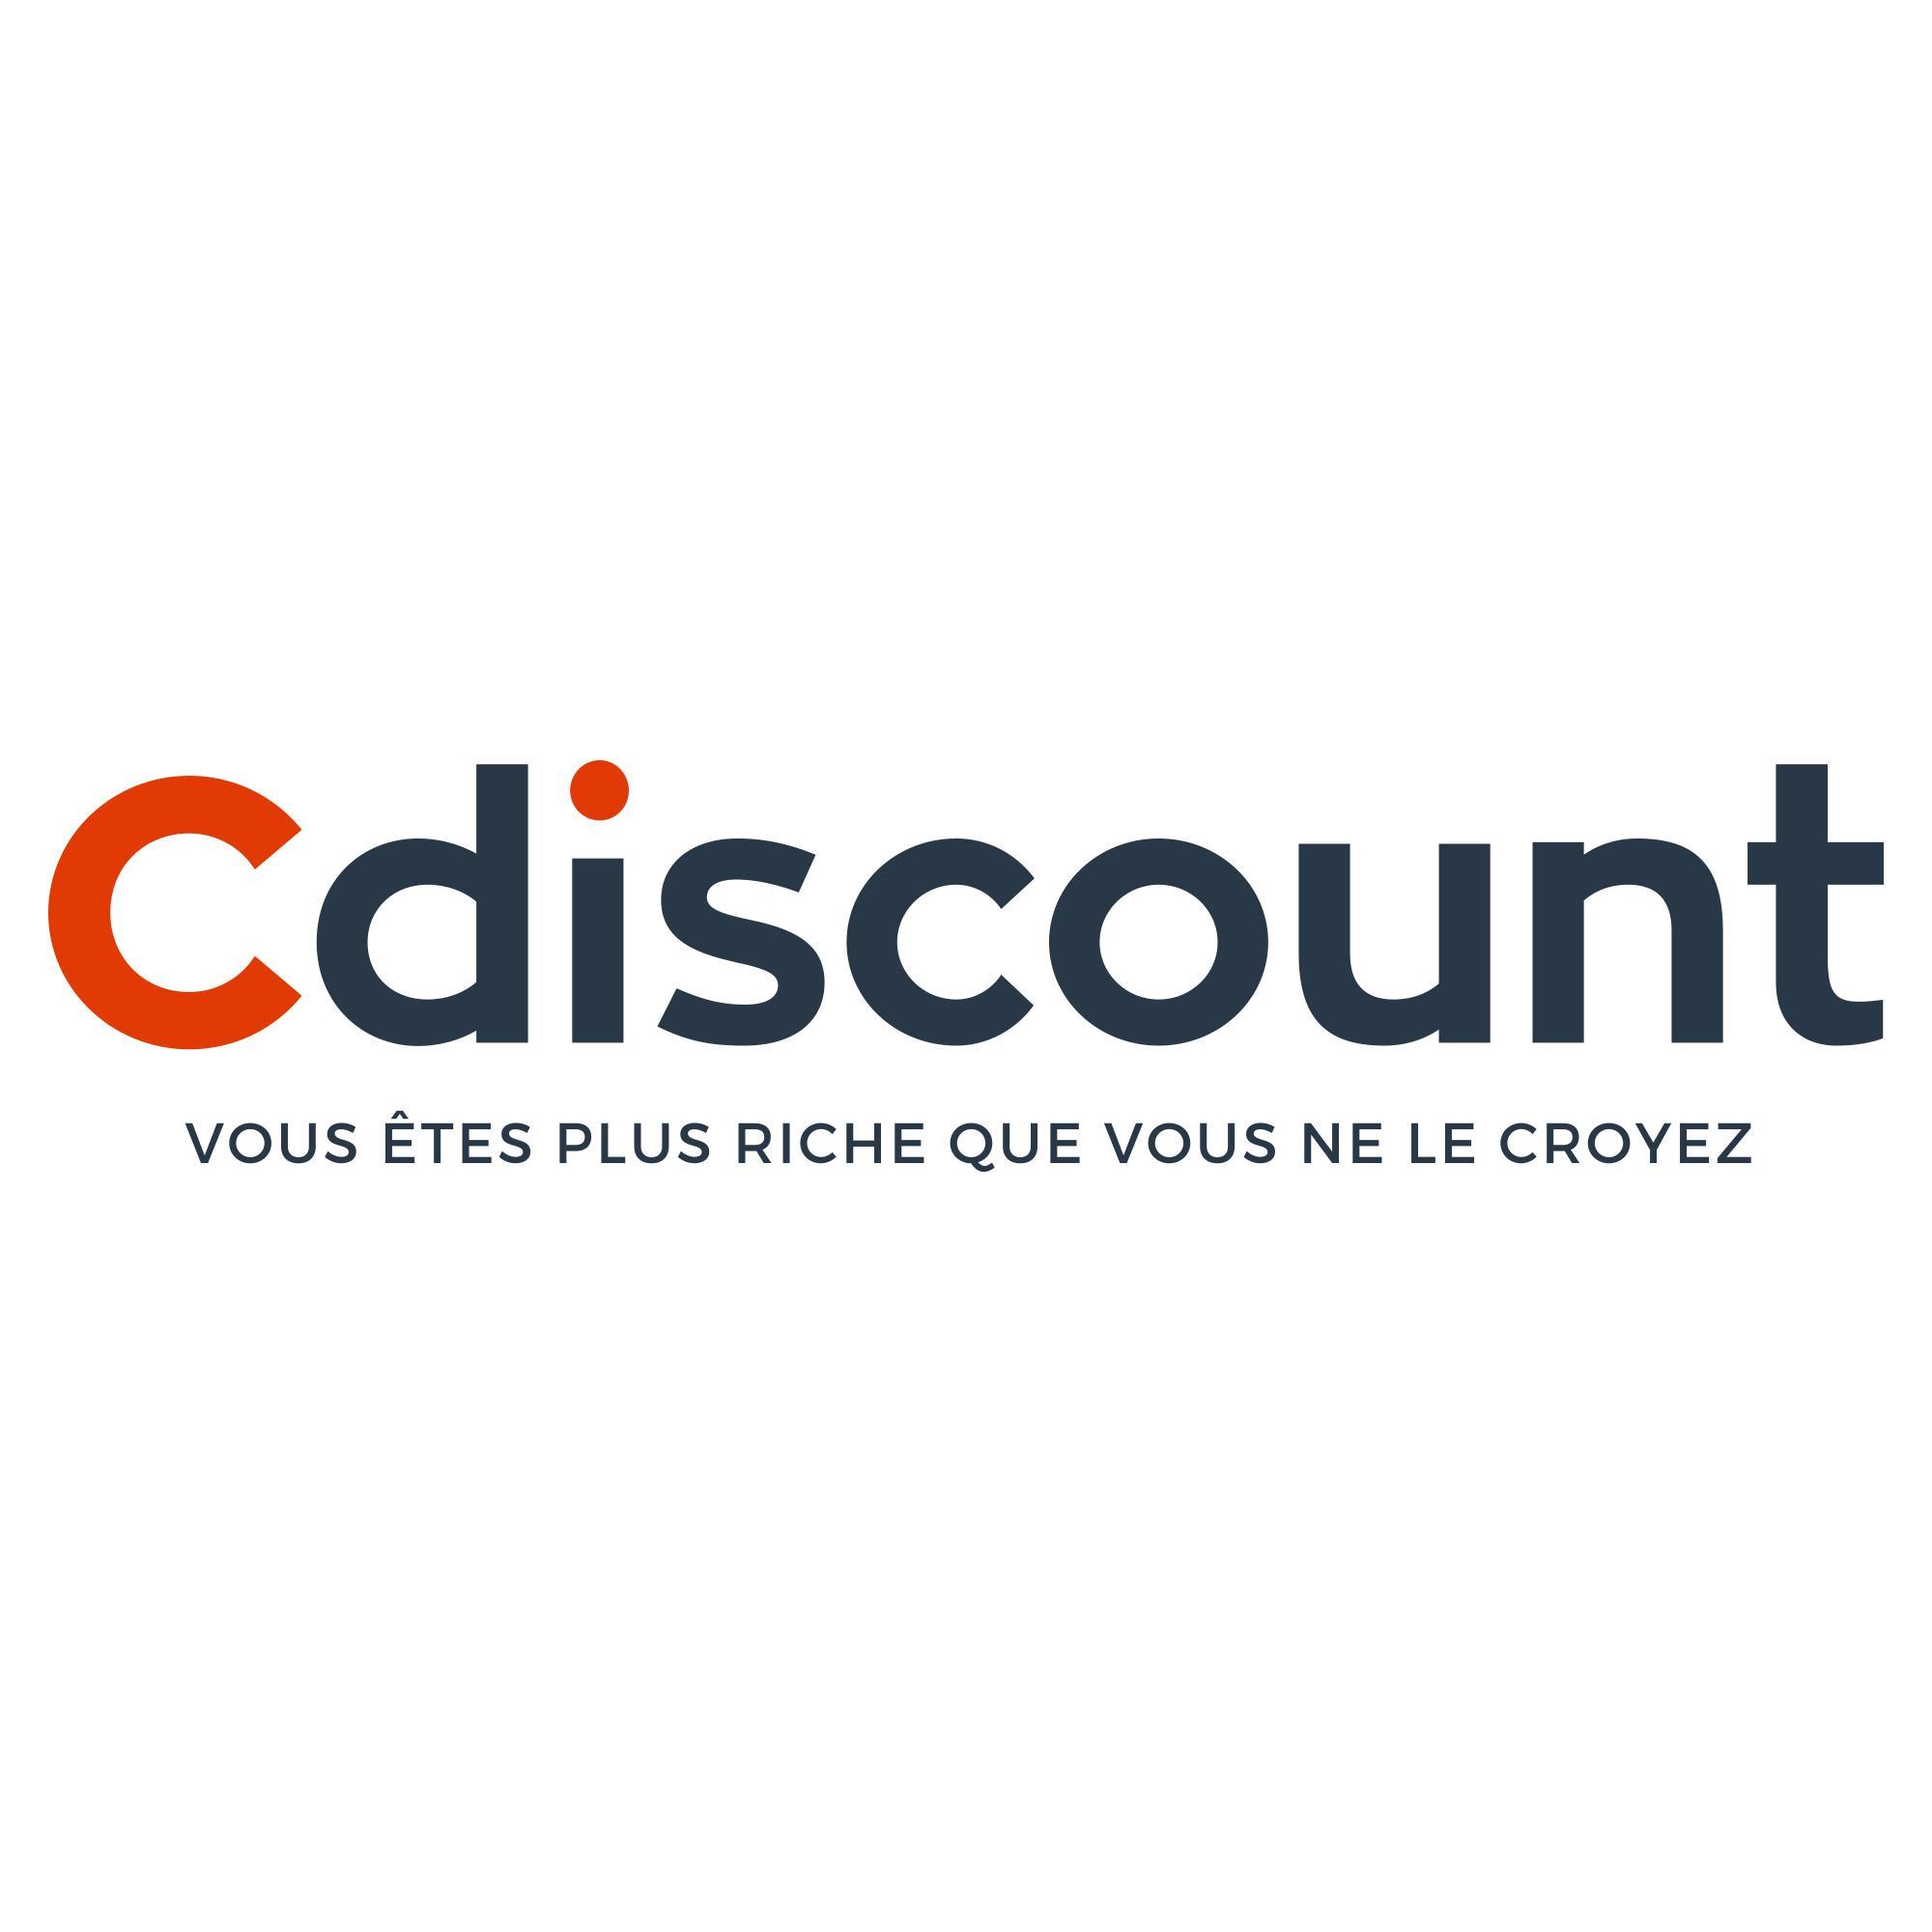 [Cdiscount à volonté] 2€ de réduction en livraison Point Relais